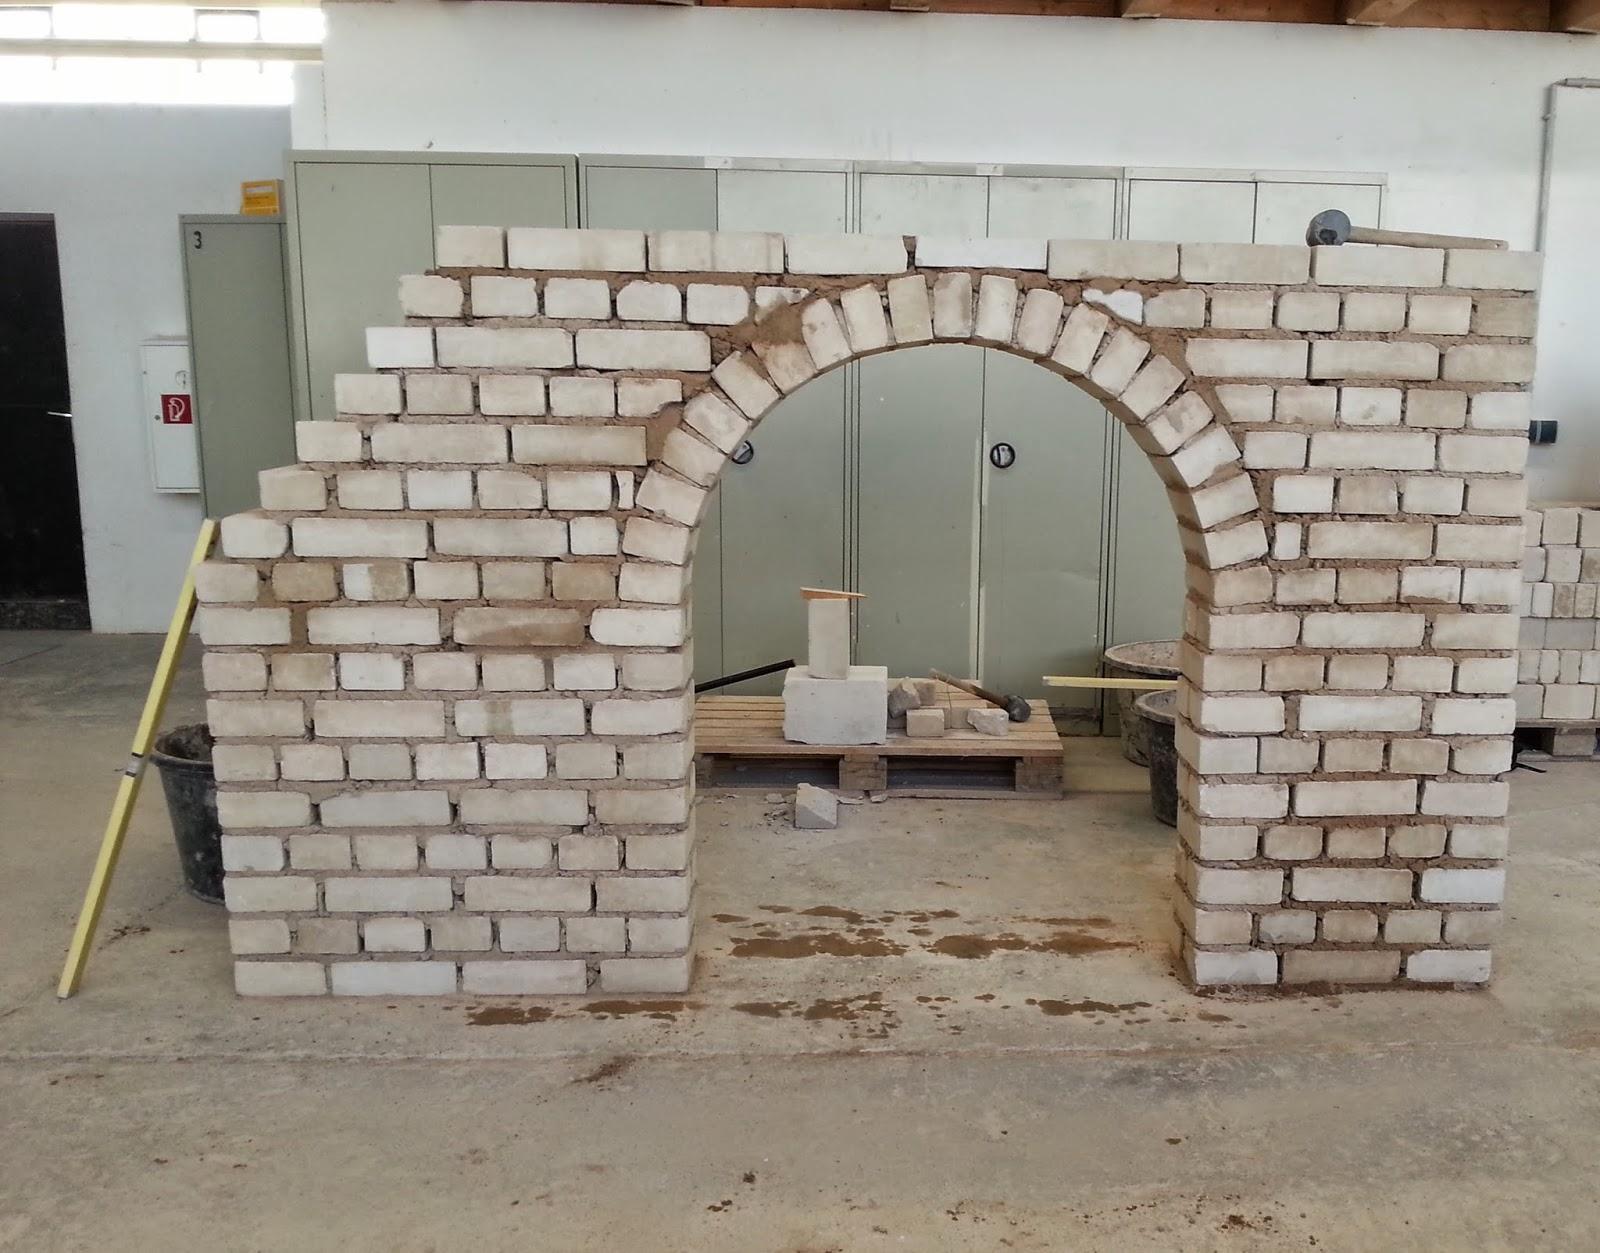 bvj 2013 2014 hier gehts richtig los stein auf stein im mauerwerksbau. Black Bedroom Furniture Sets. Home Design Ideas